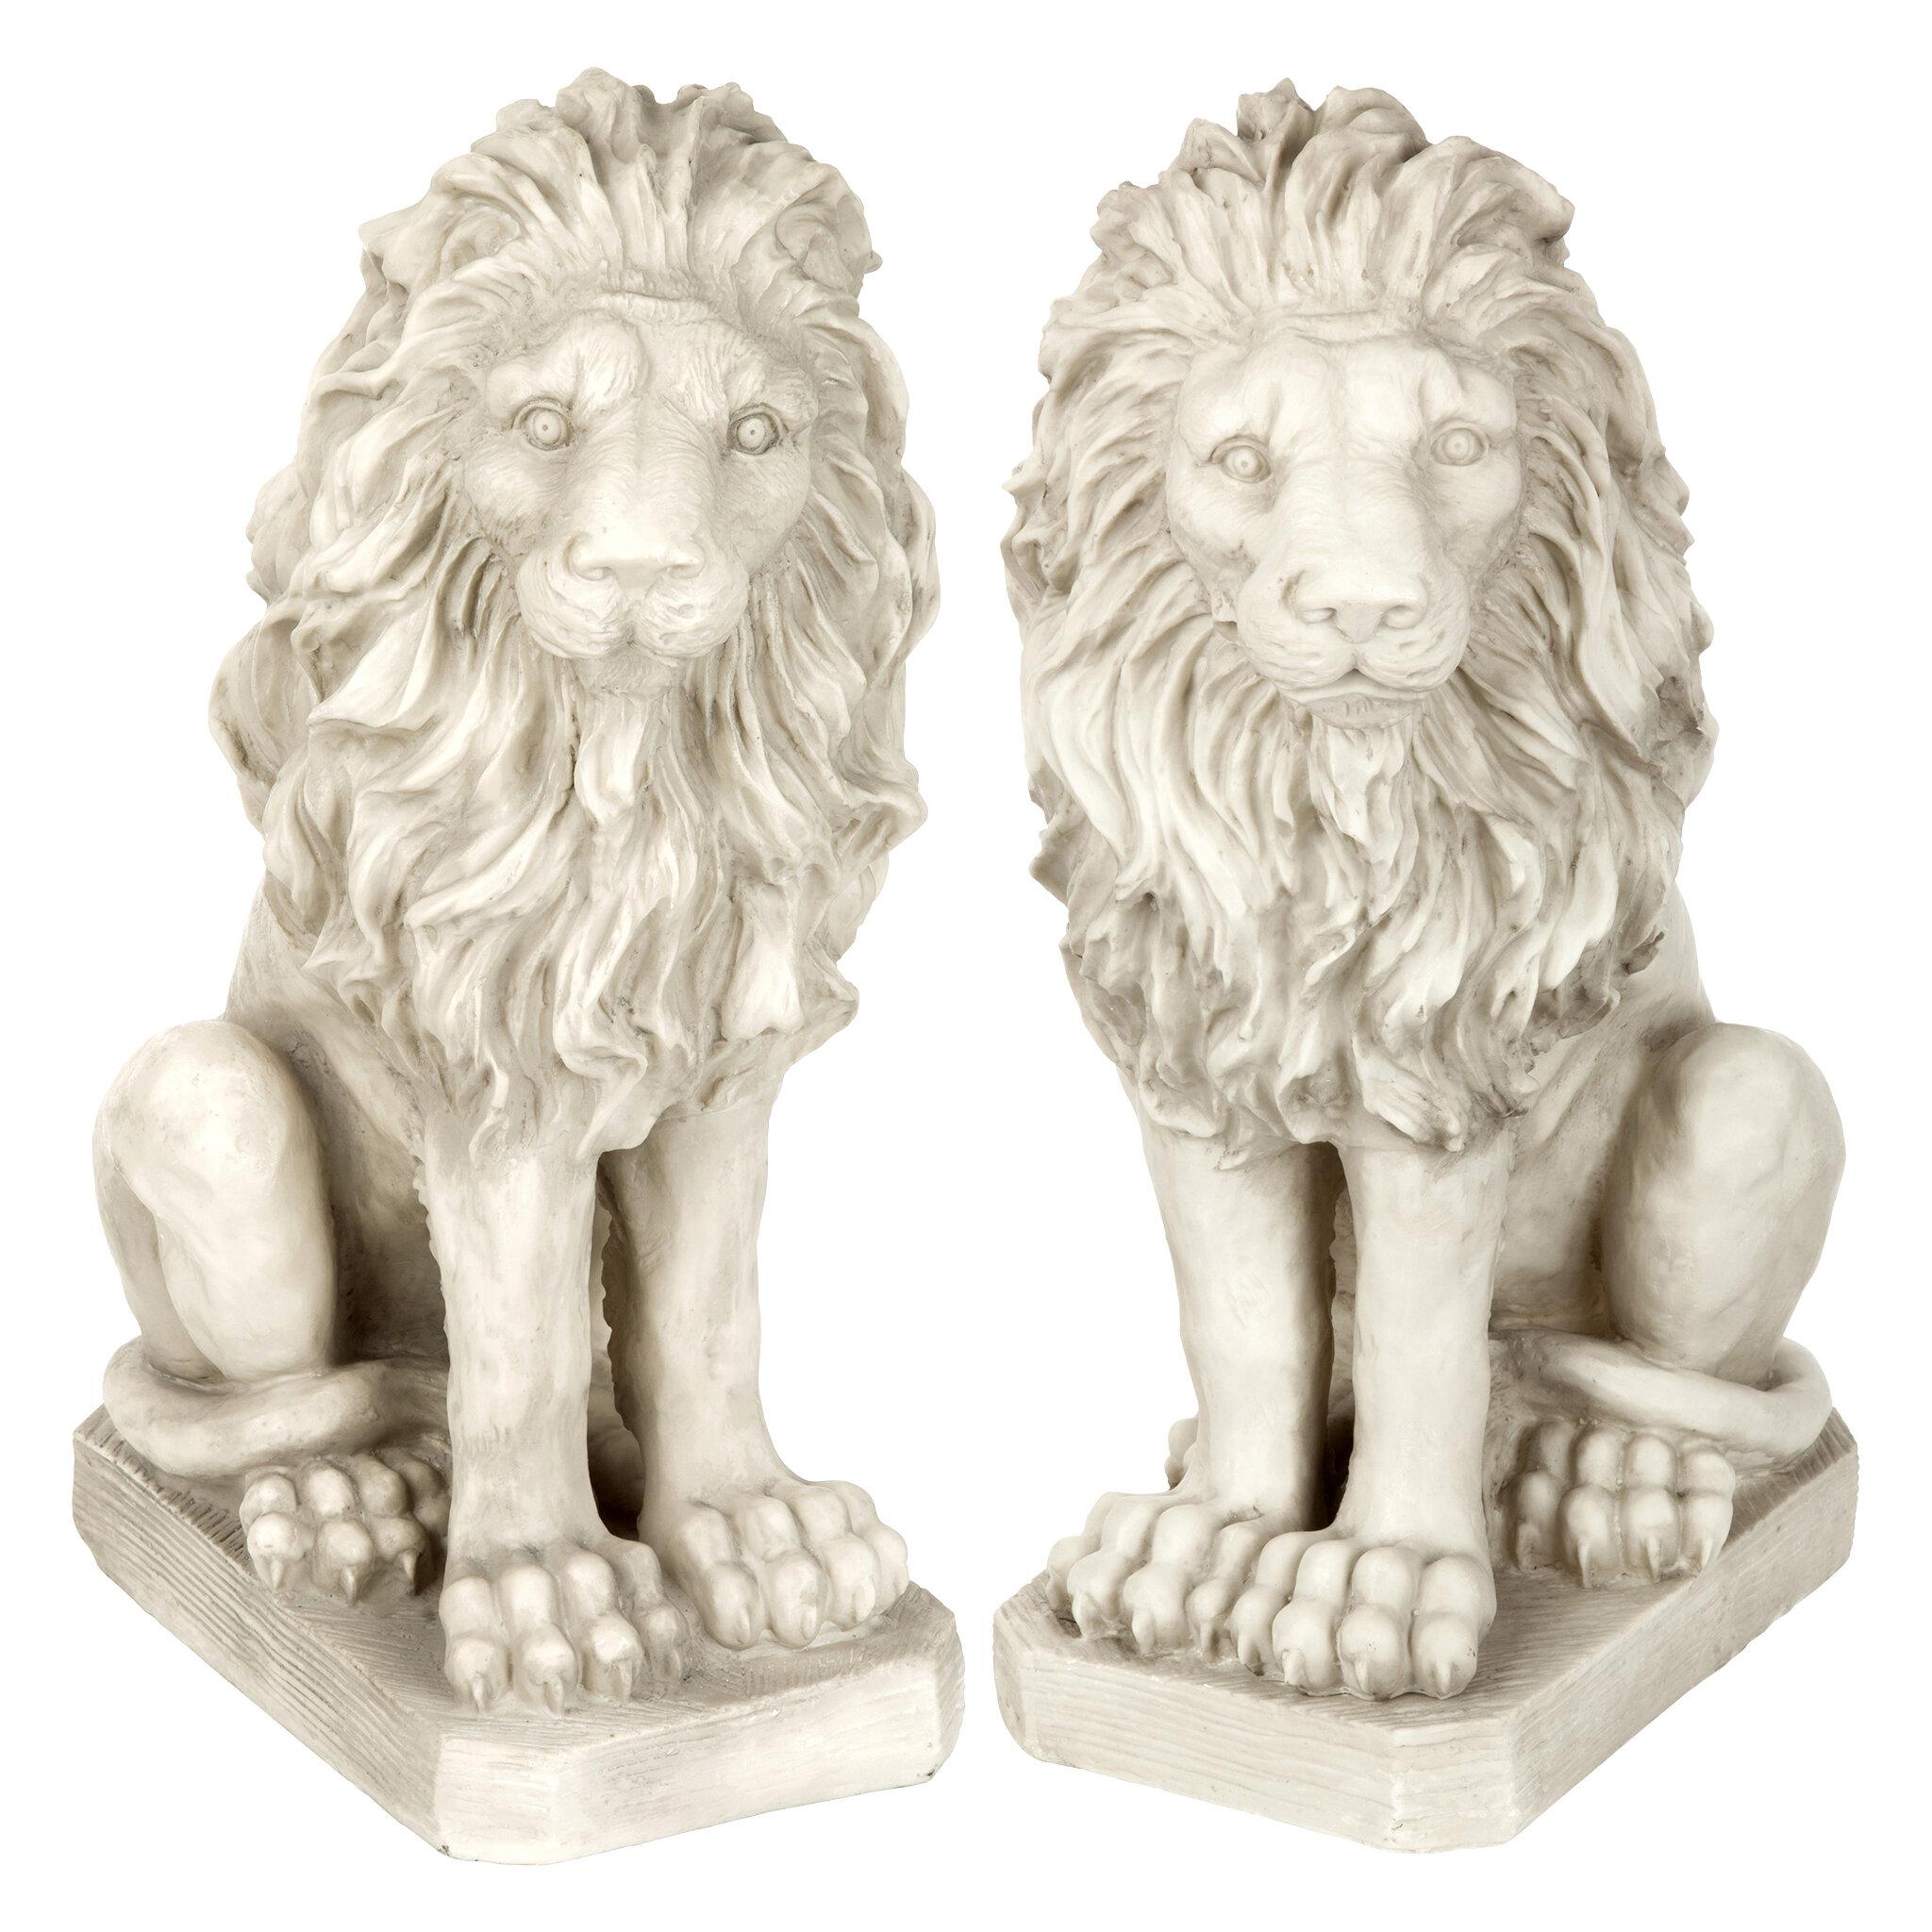 Set of 2 Medieval Heraldic Lion Corbel Replica Wall Sculpture